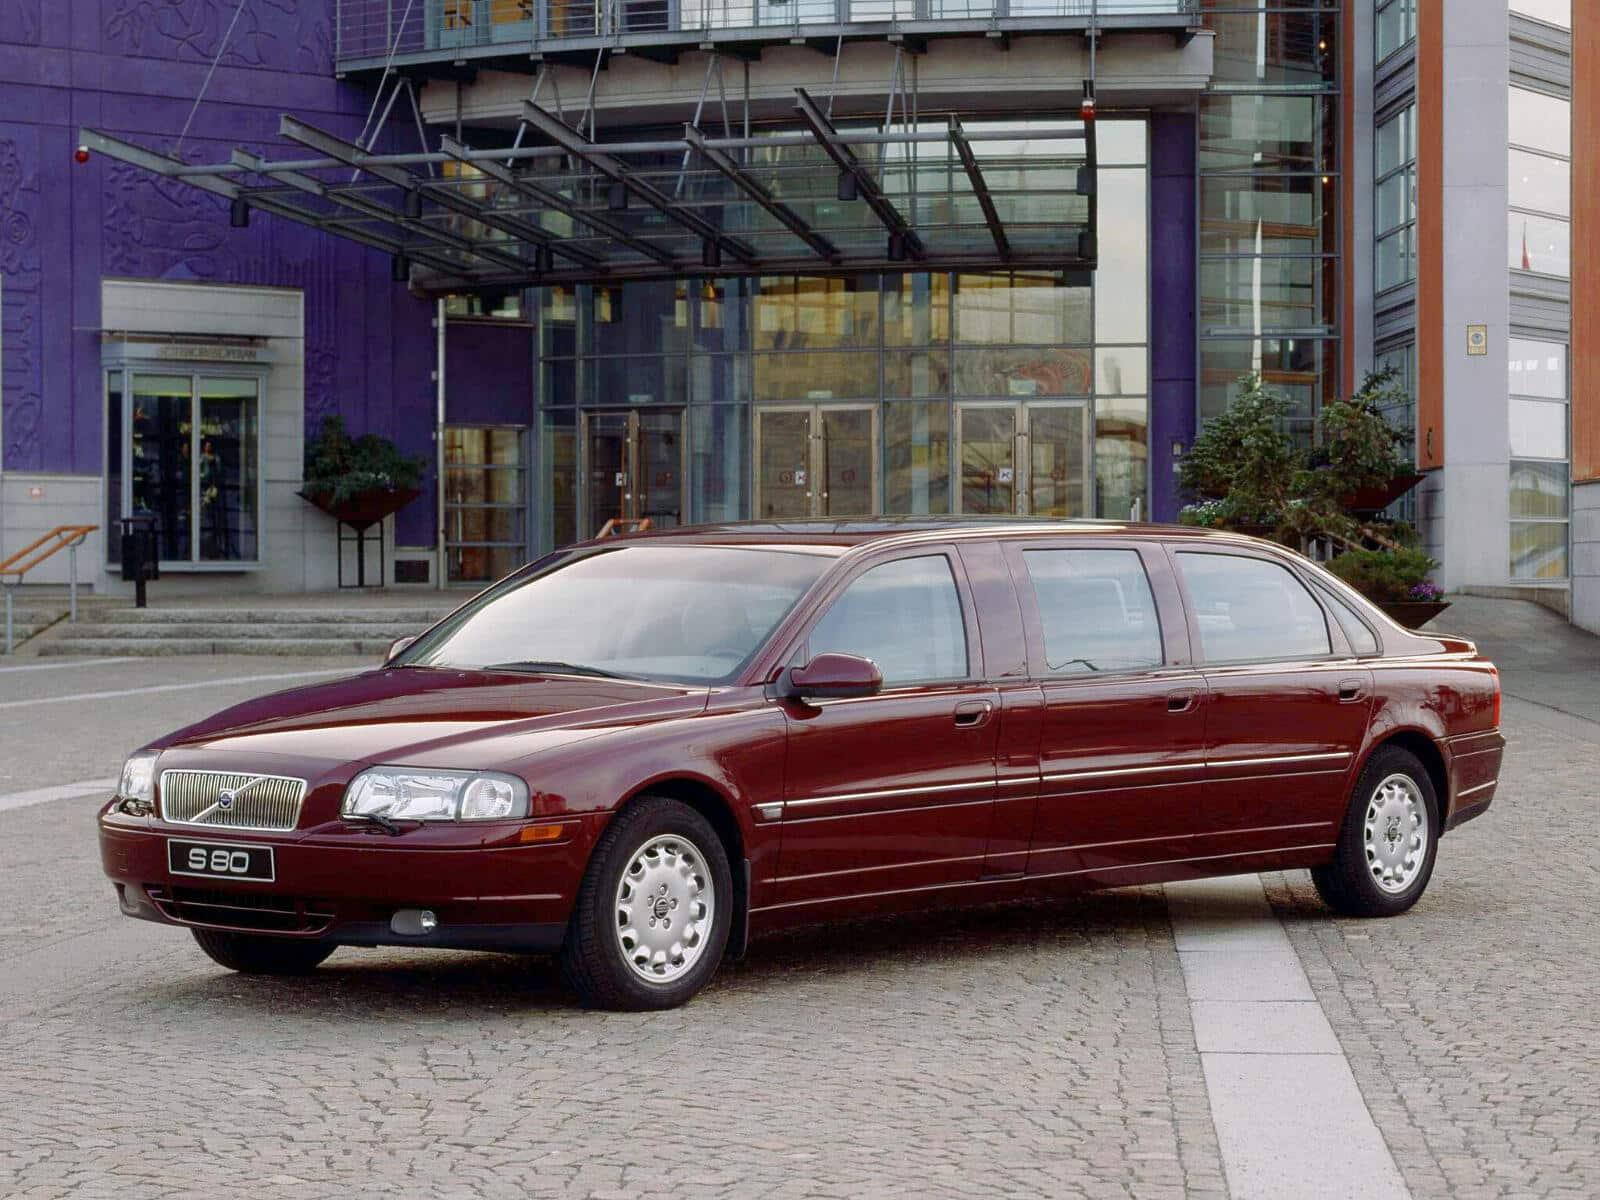 46_S80_limousine_2002-2004_1